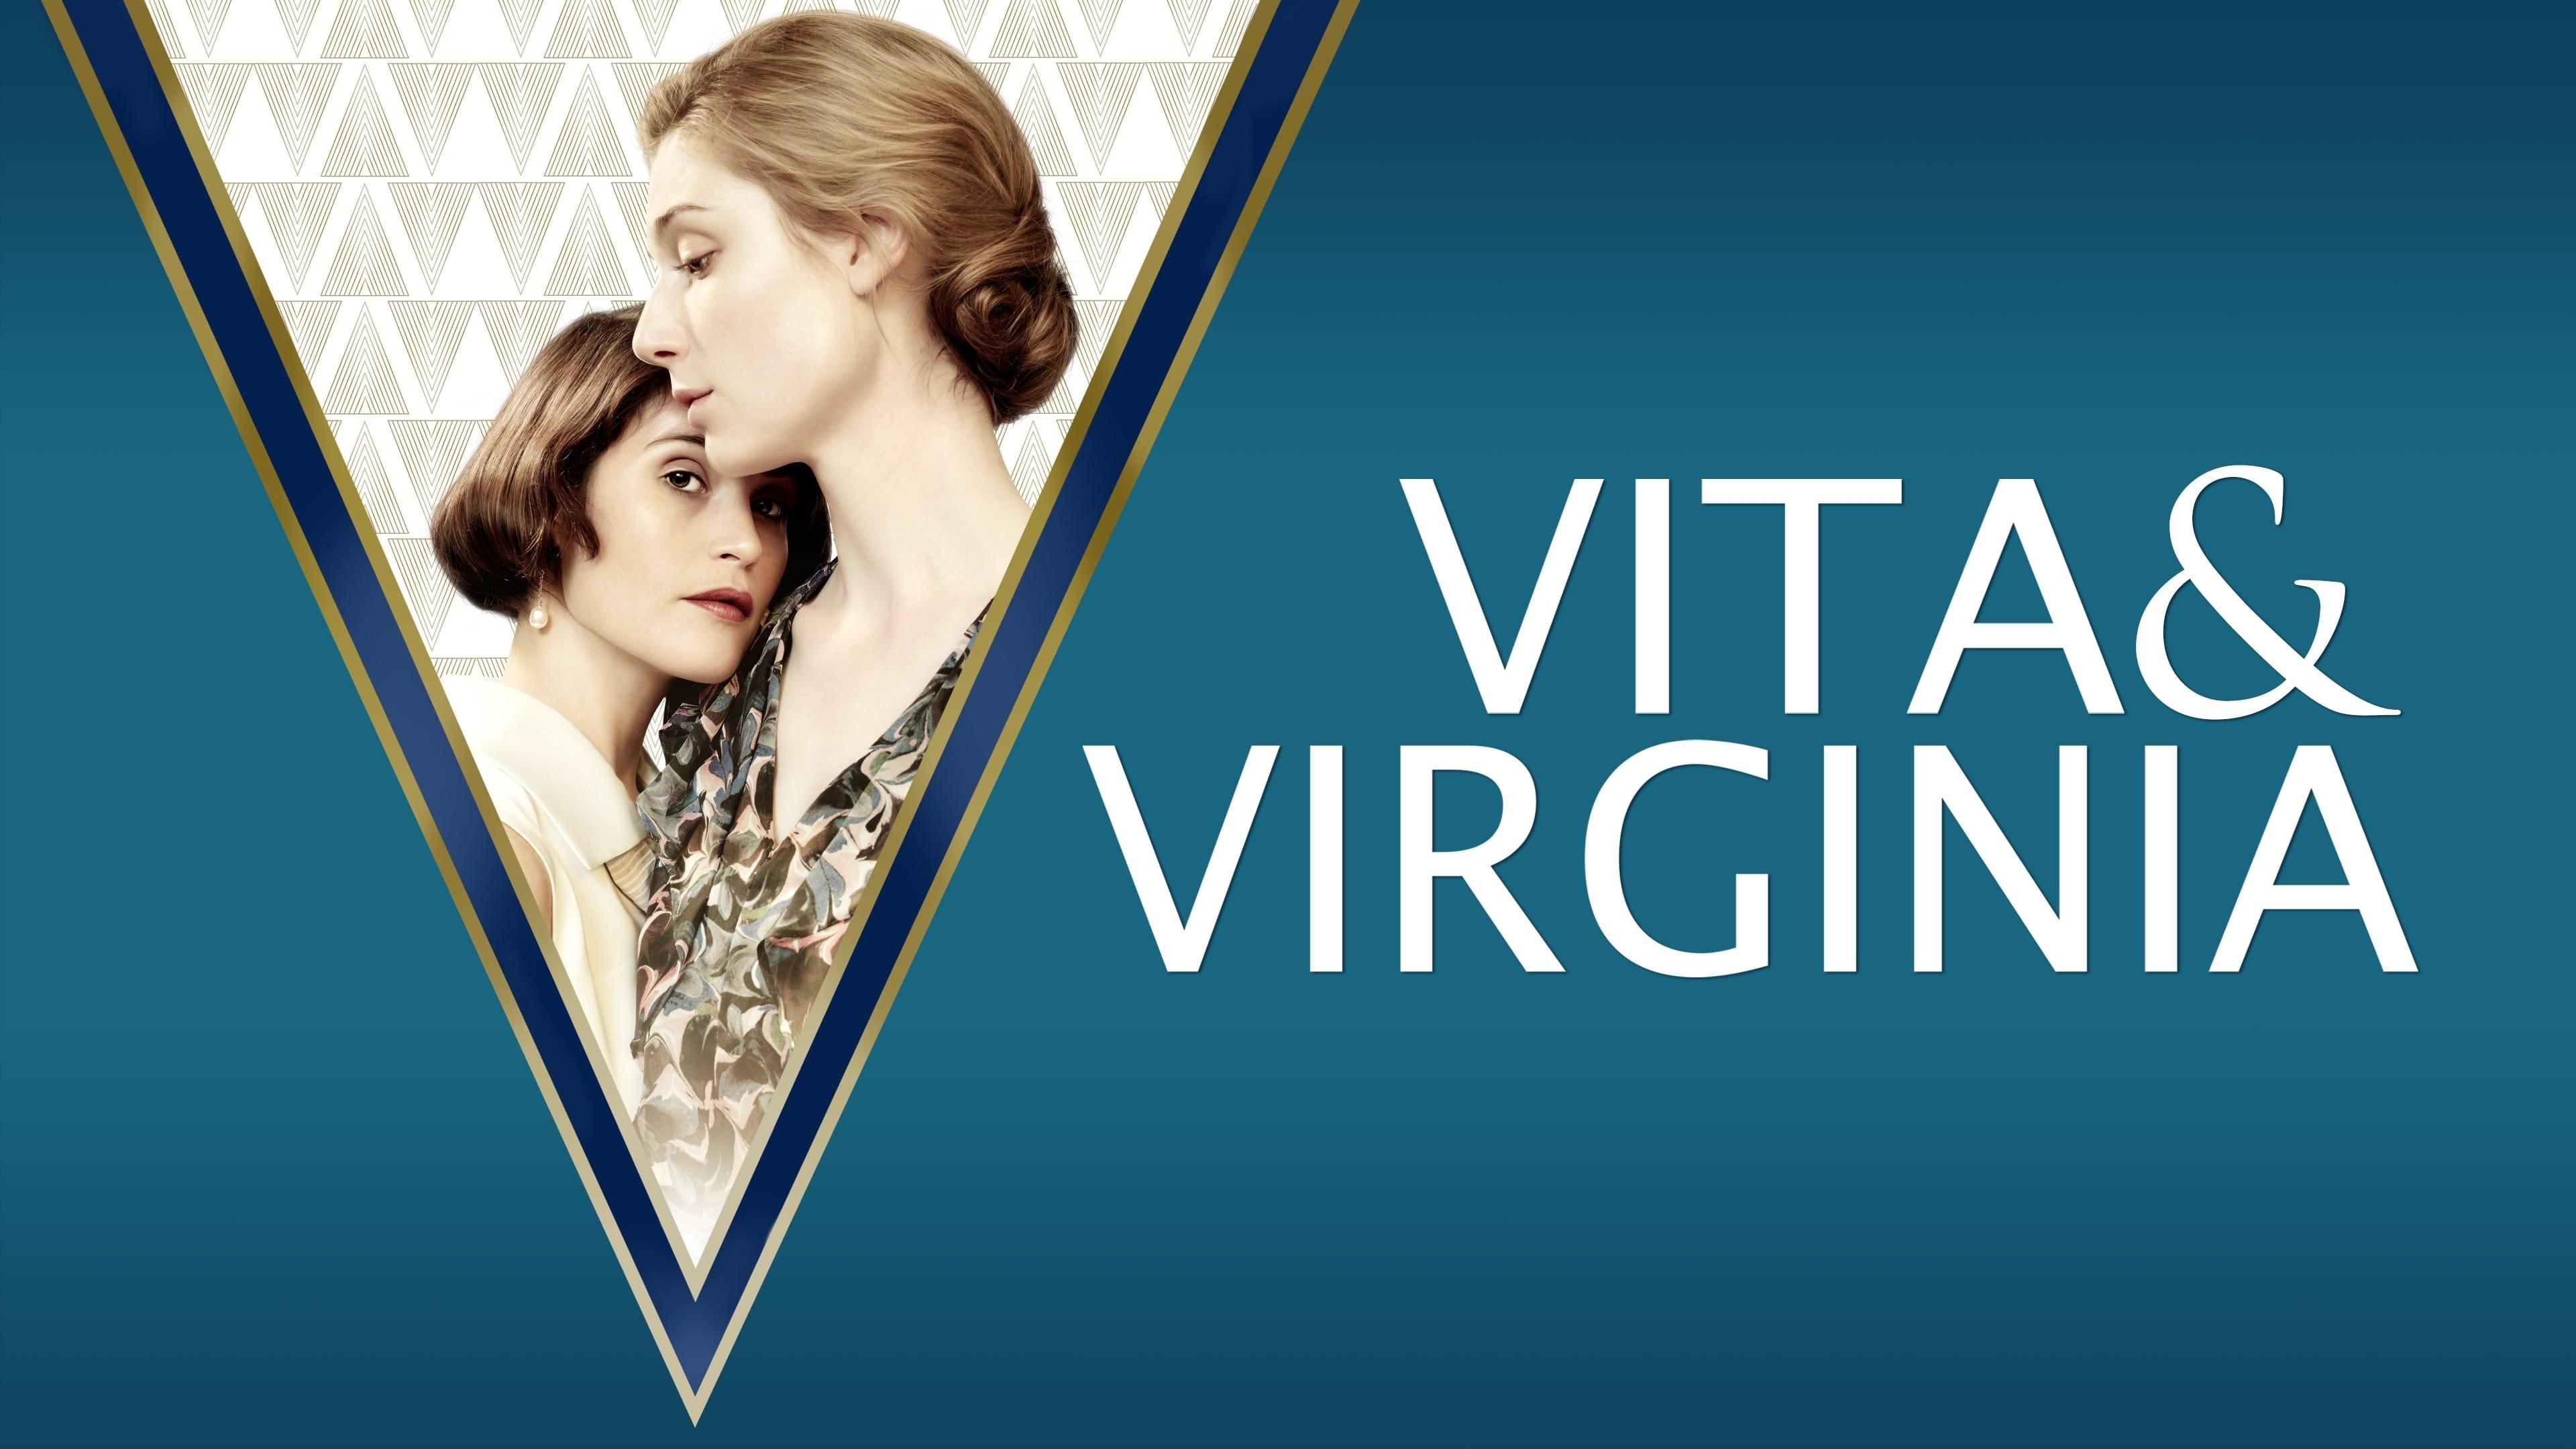 Vita y Virginia